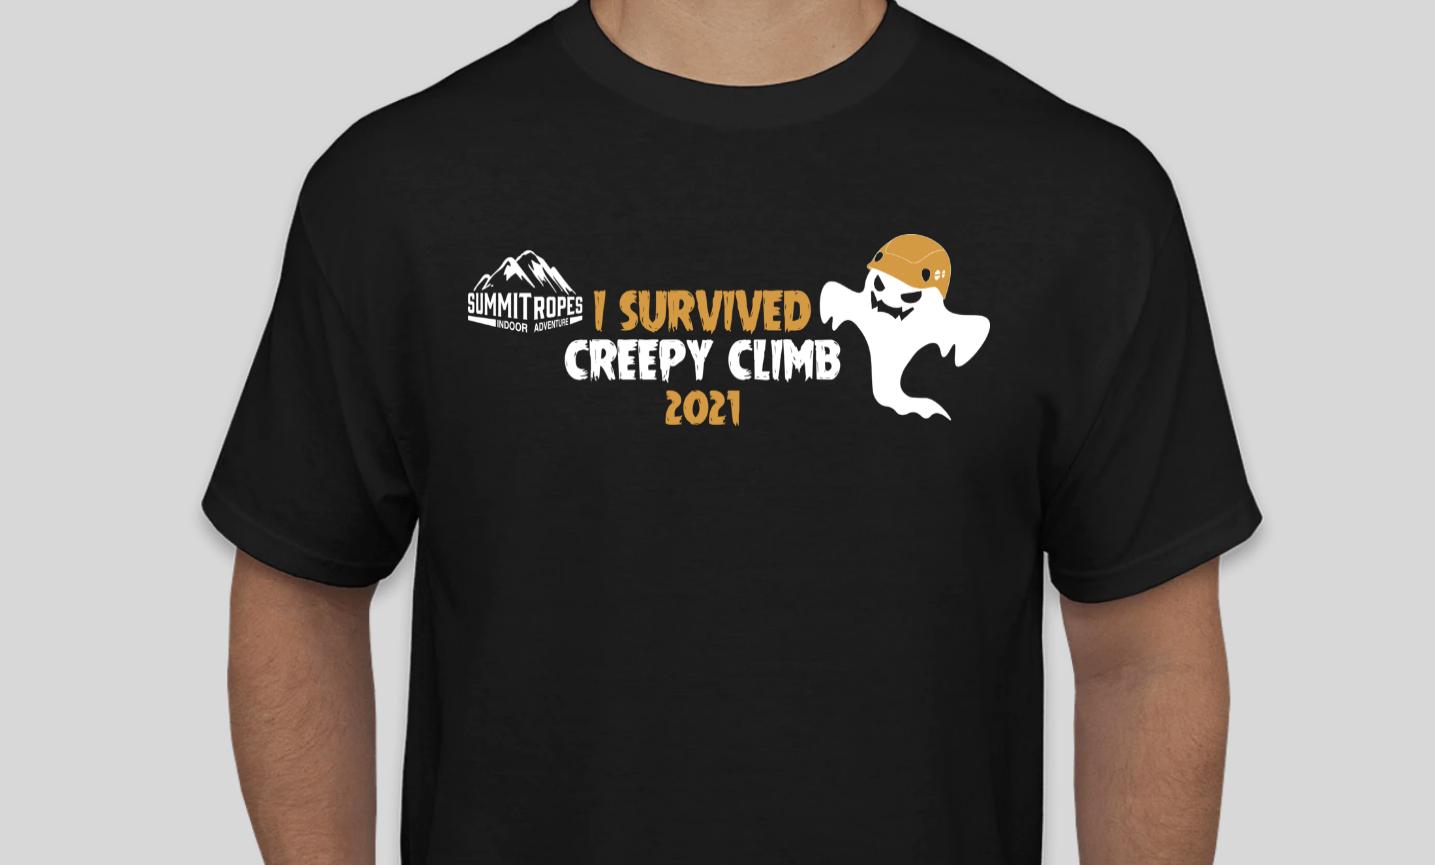 Creepy-Climb-2021-Commemorative-T-Shirt-1